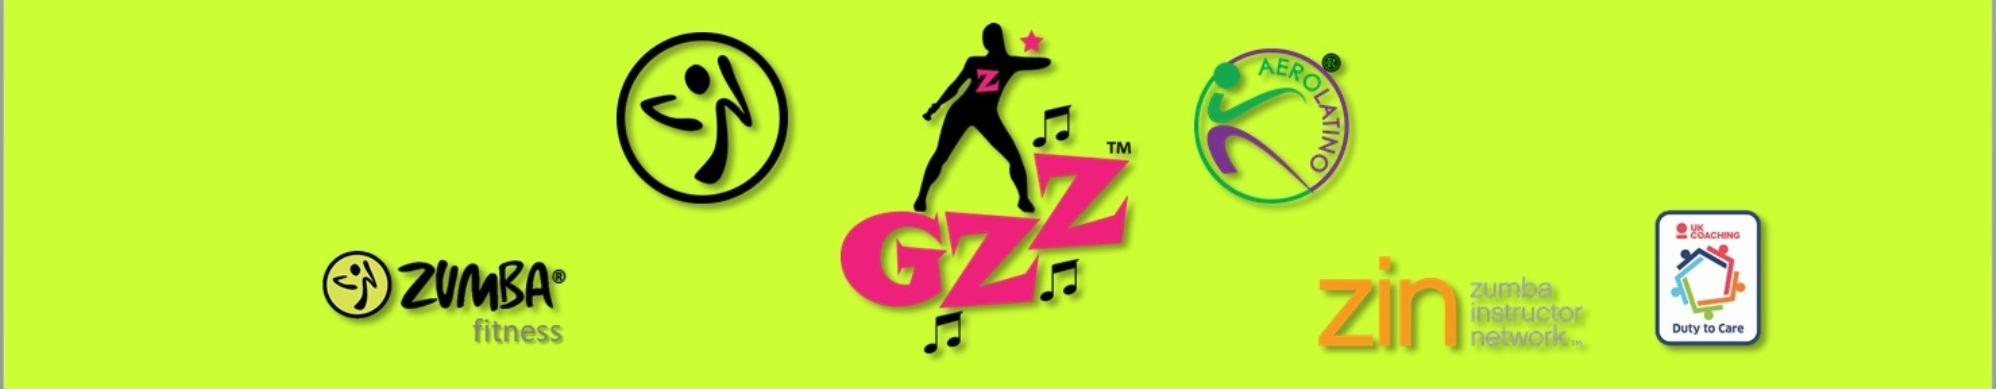 GloriaZumbaZin